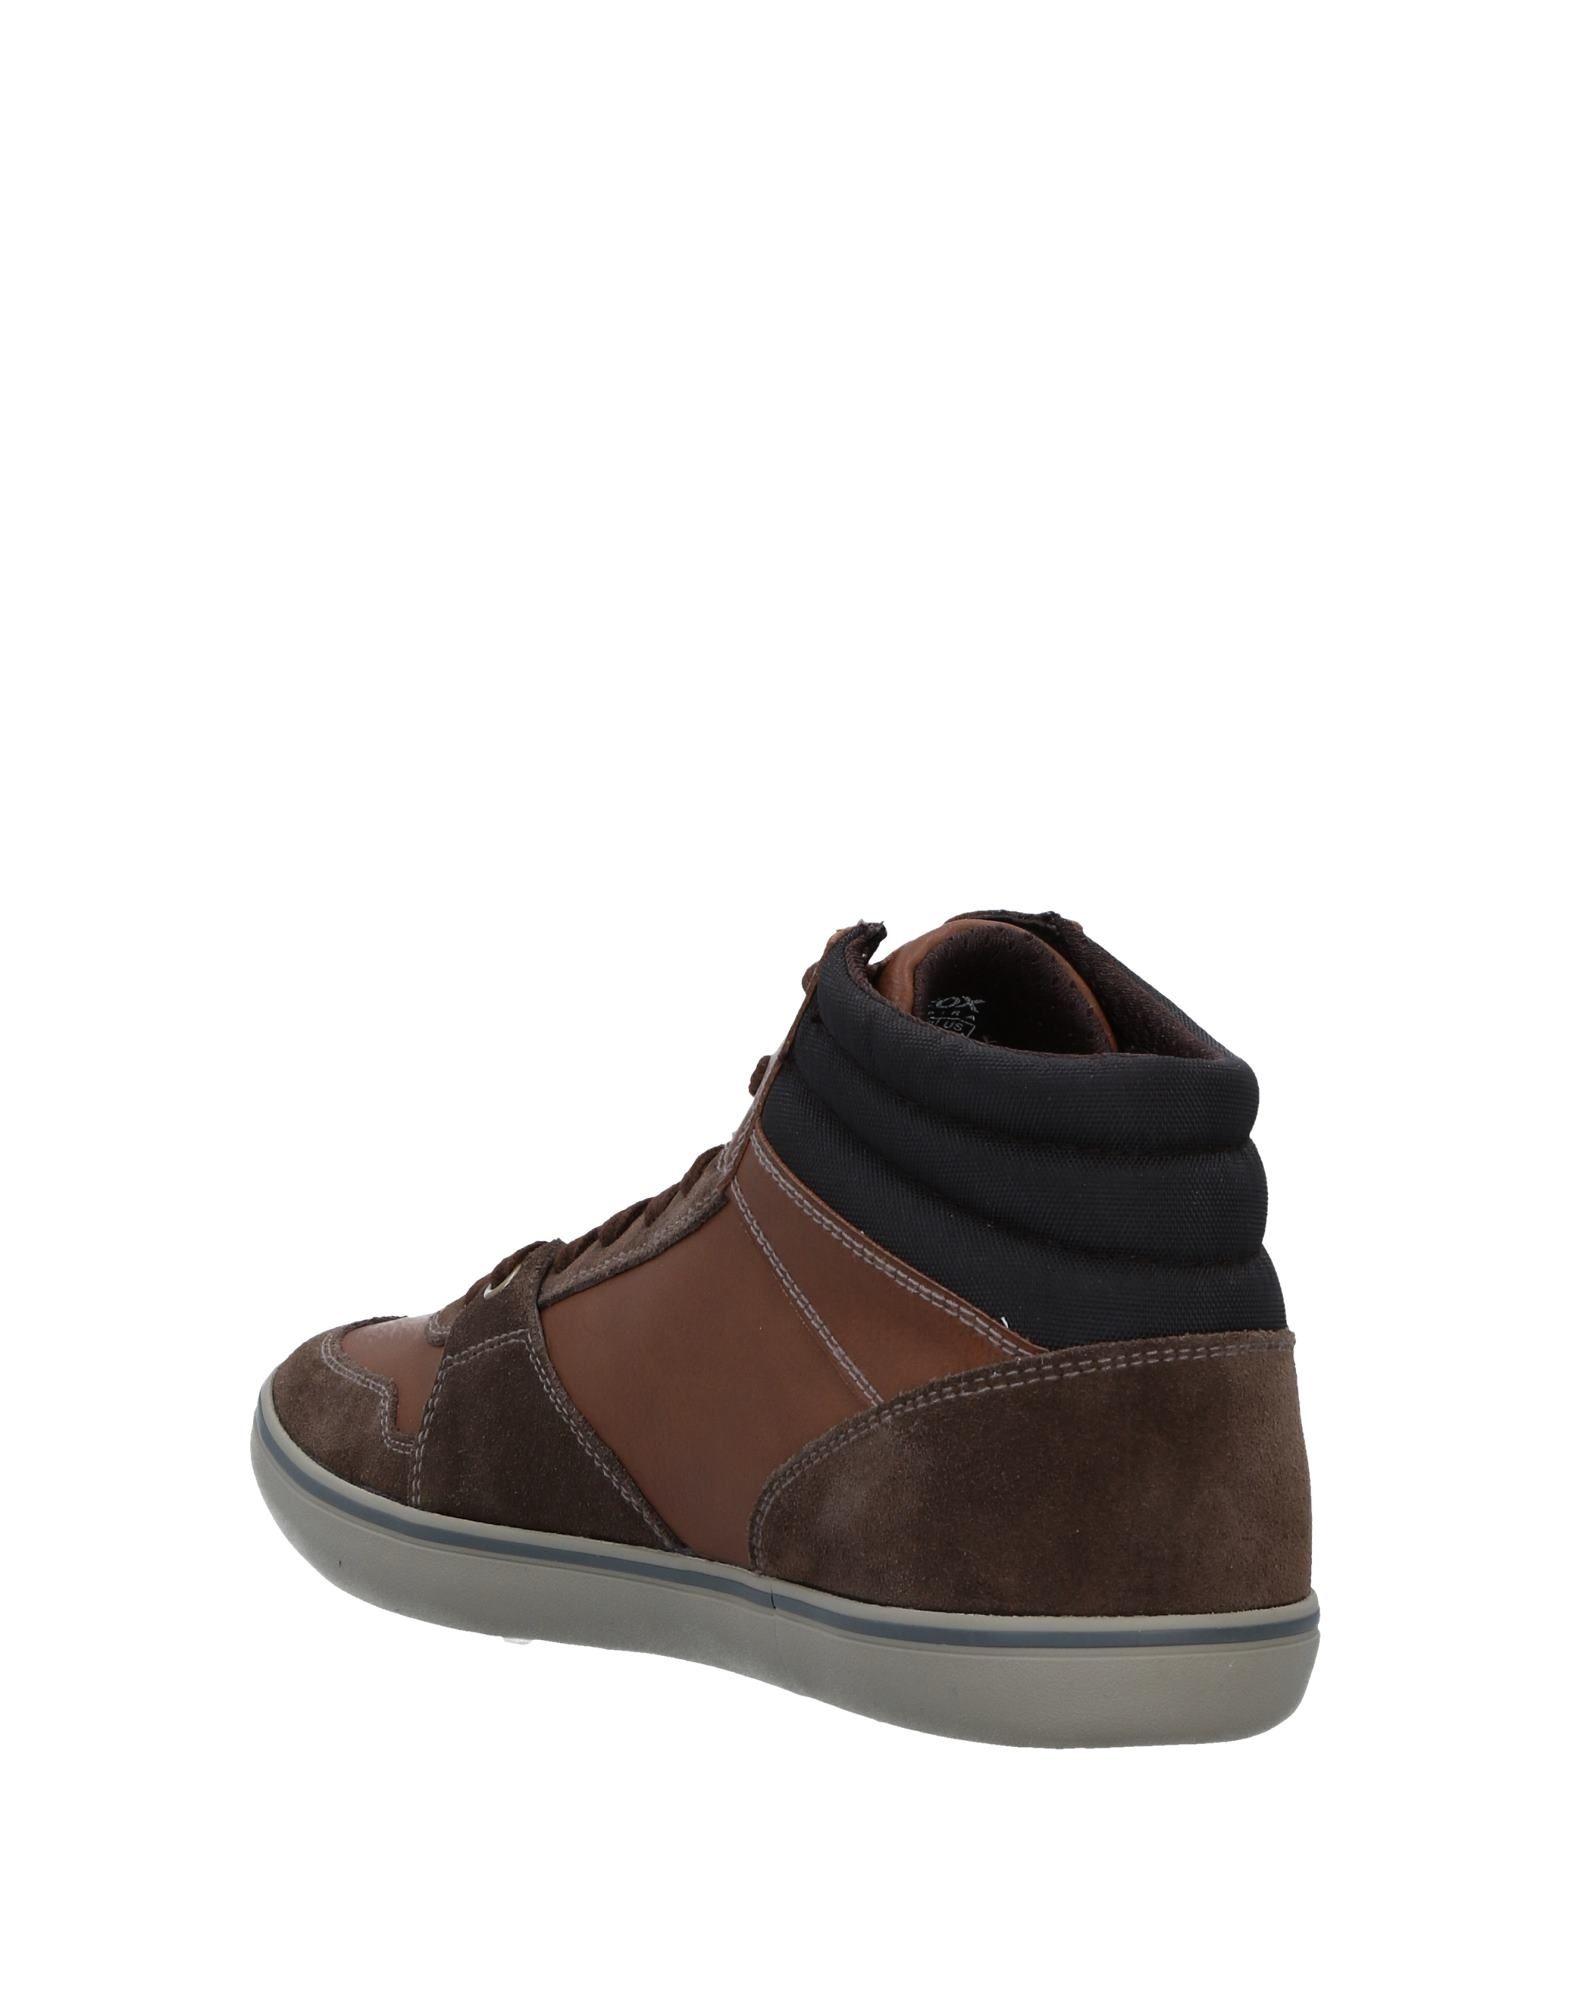 Rabatt echte  Schuhe Geox Sneakers Herren  echte 11541015XU a18f86